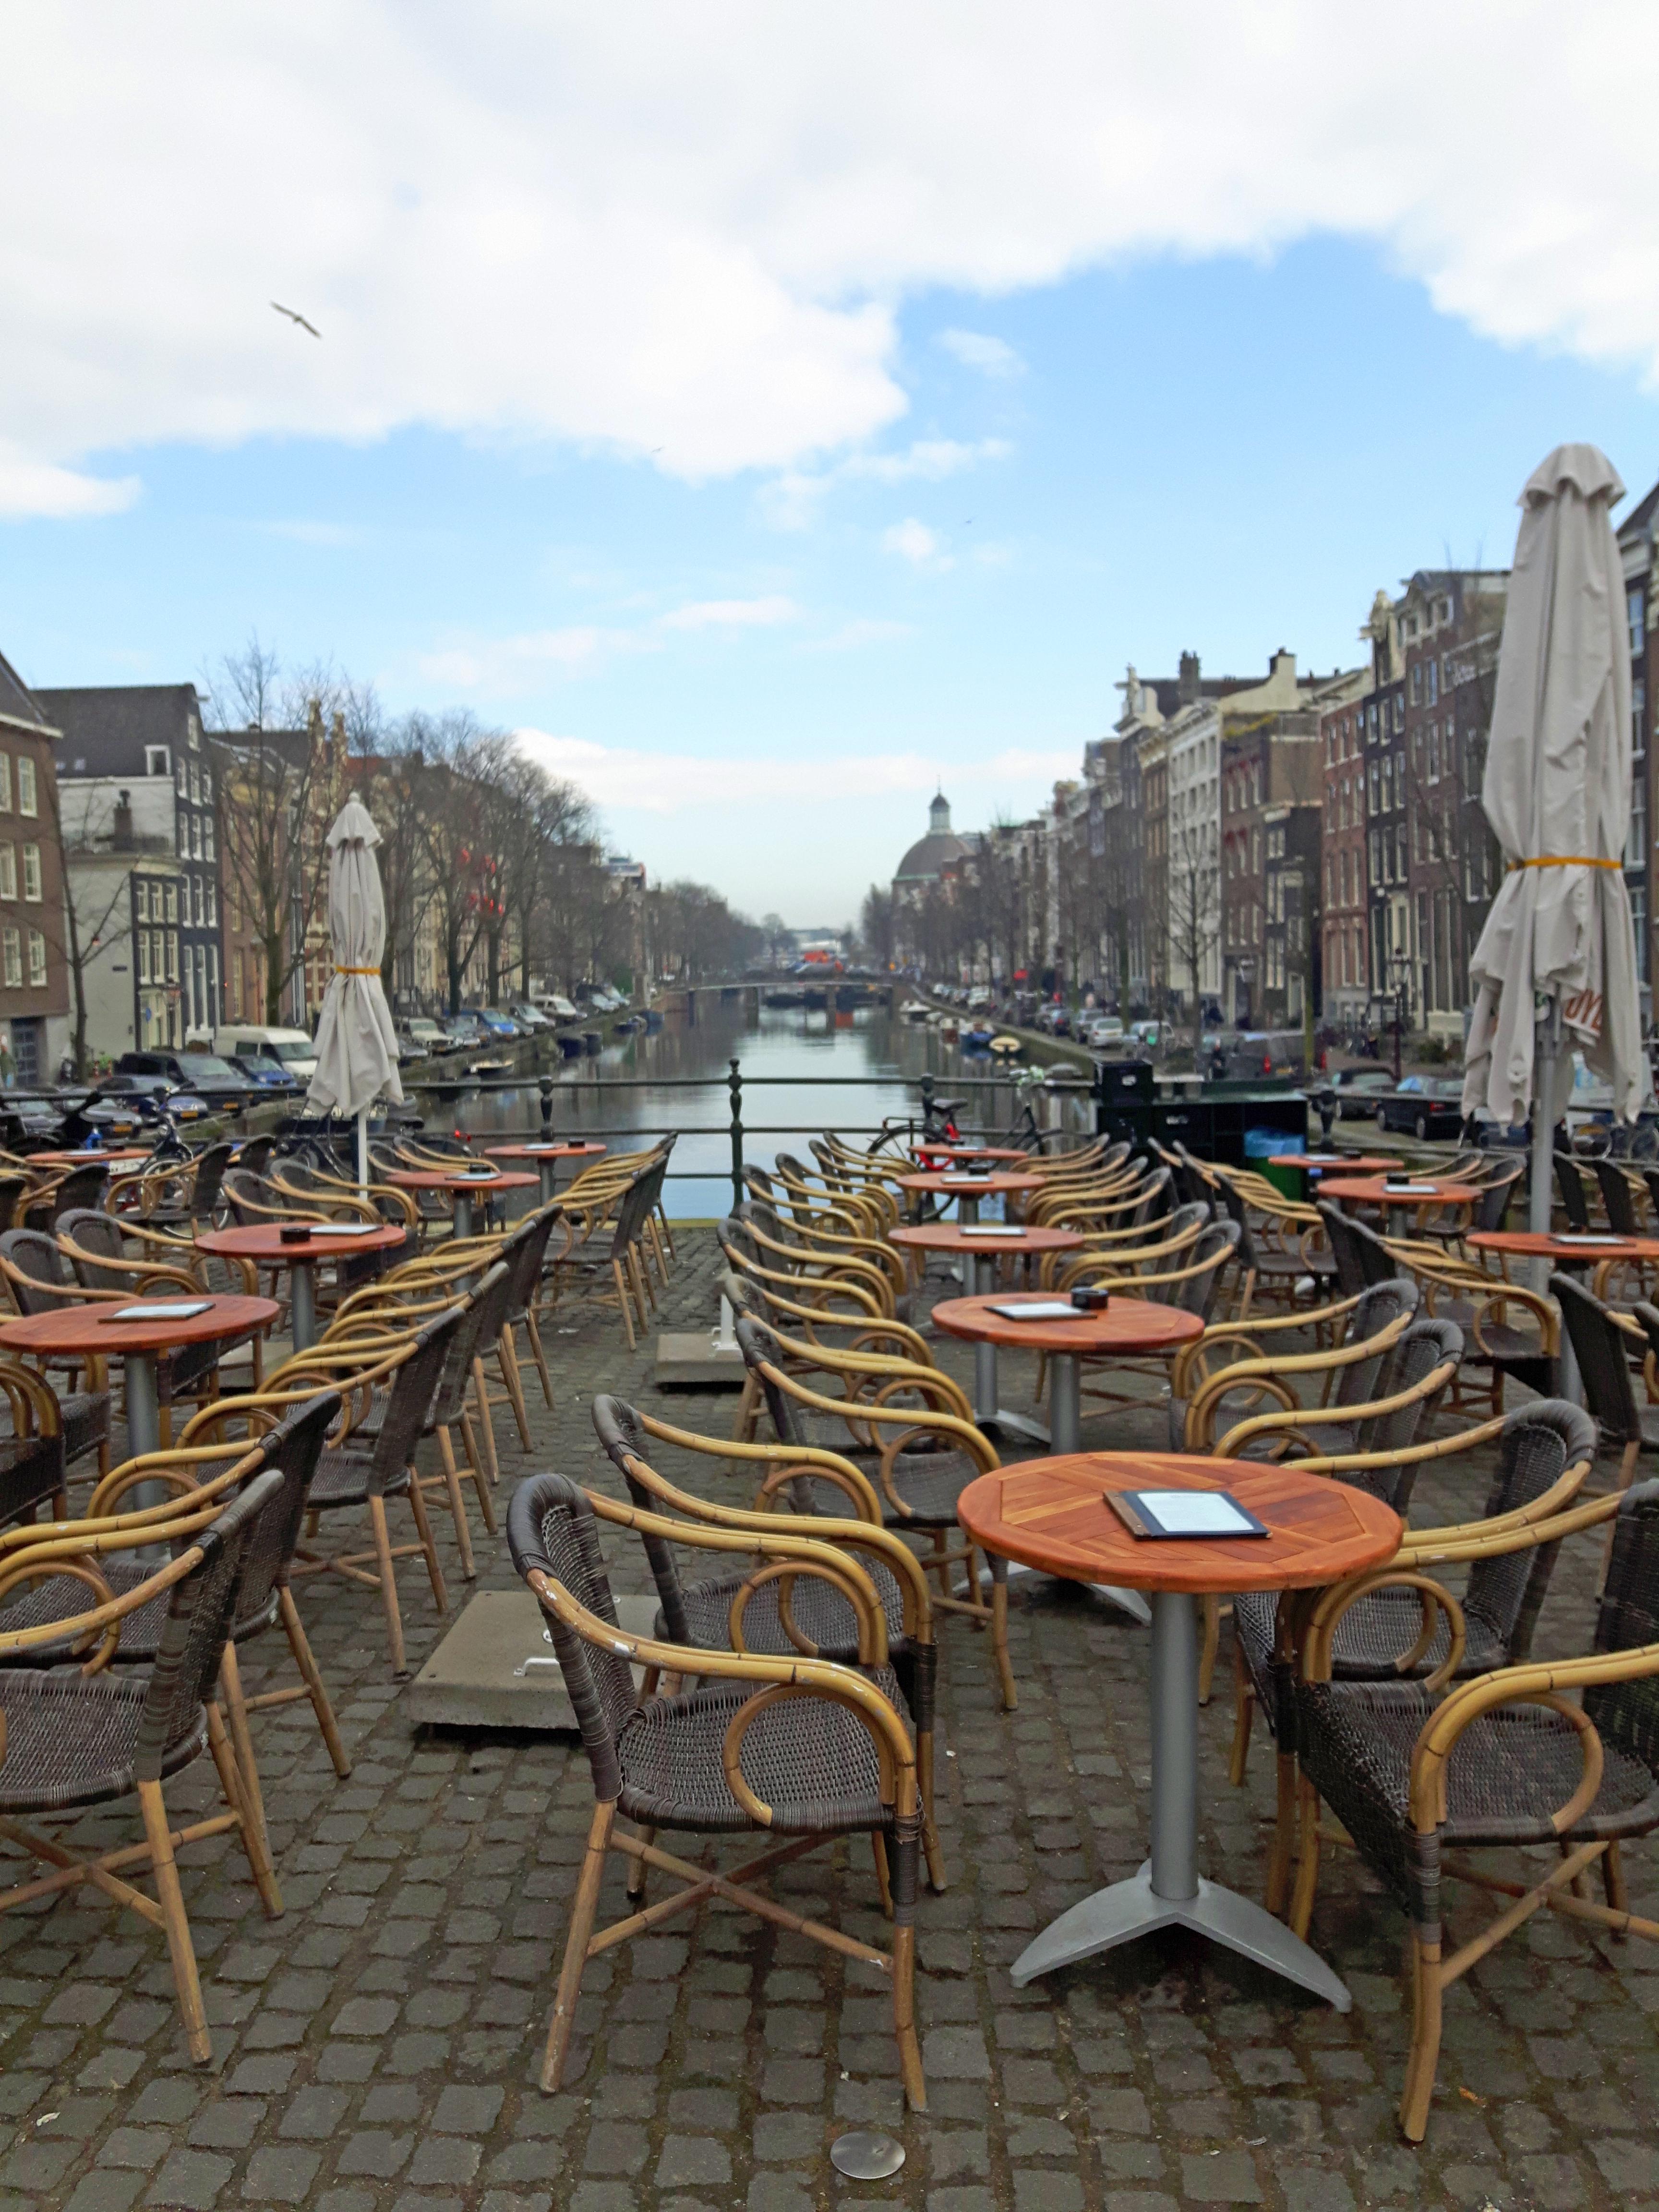 Torensluis_Singel_Canal_Amsterdam_Netherlands